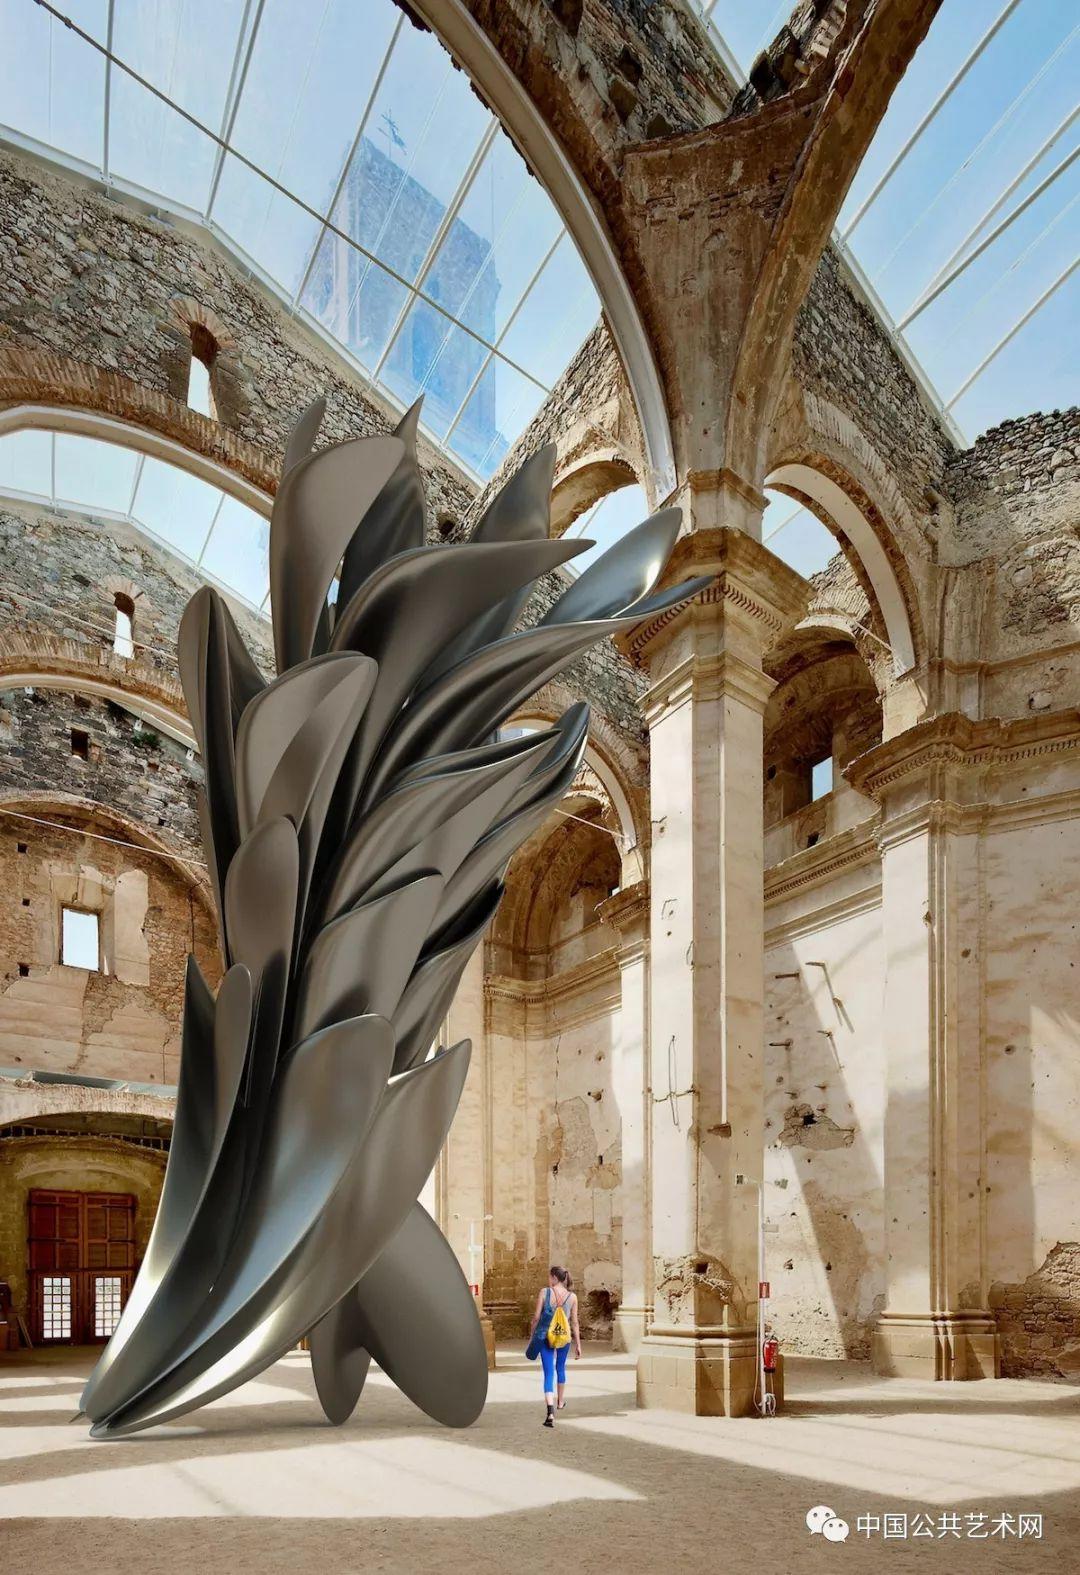 令人难以置信的虚拟雕塑